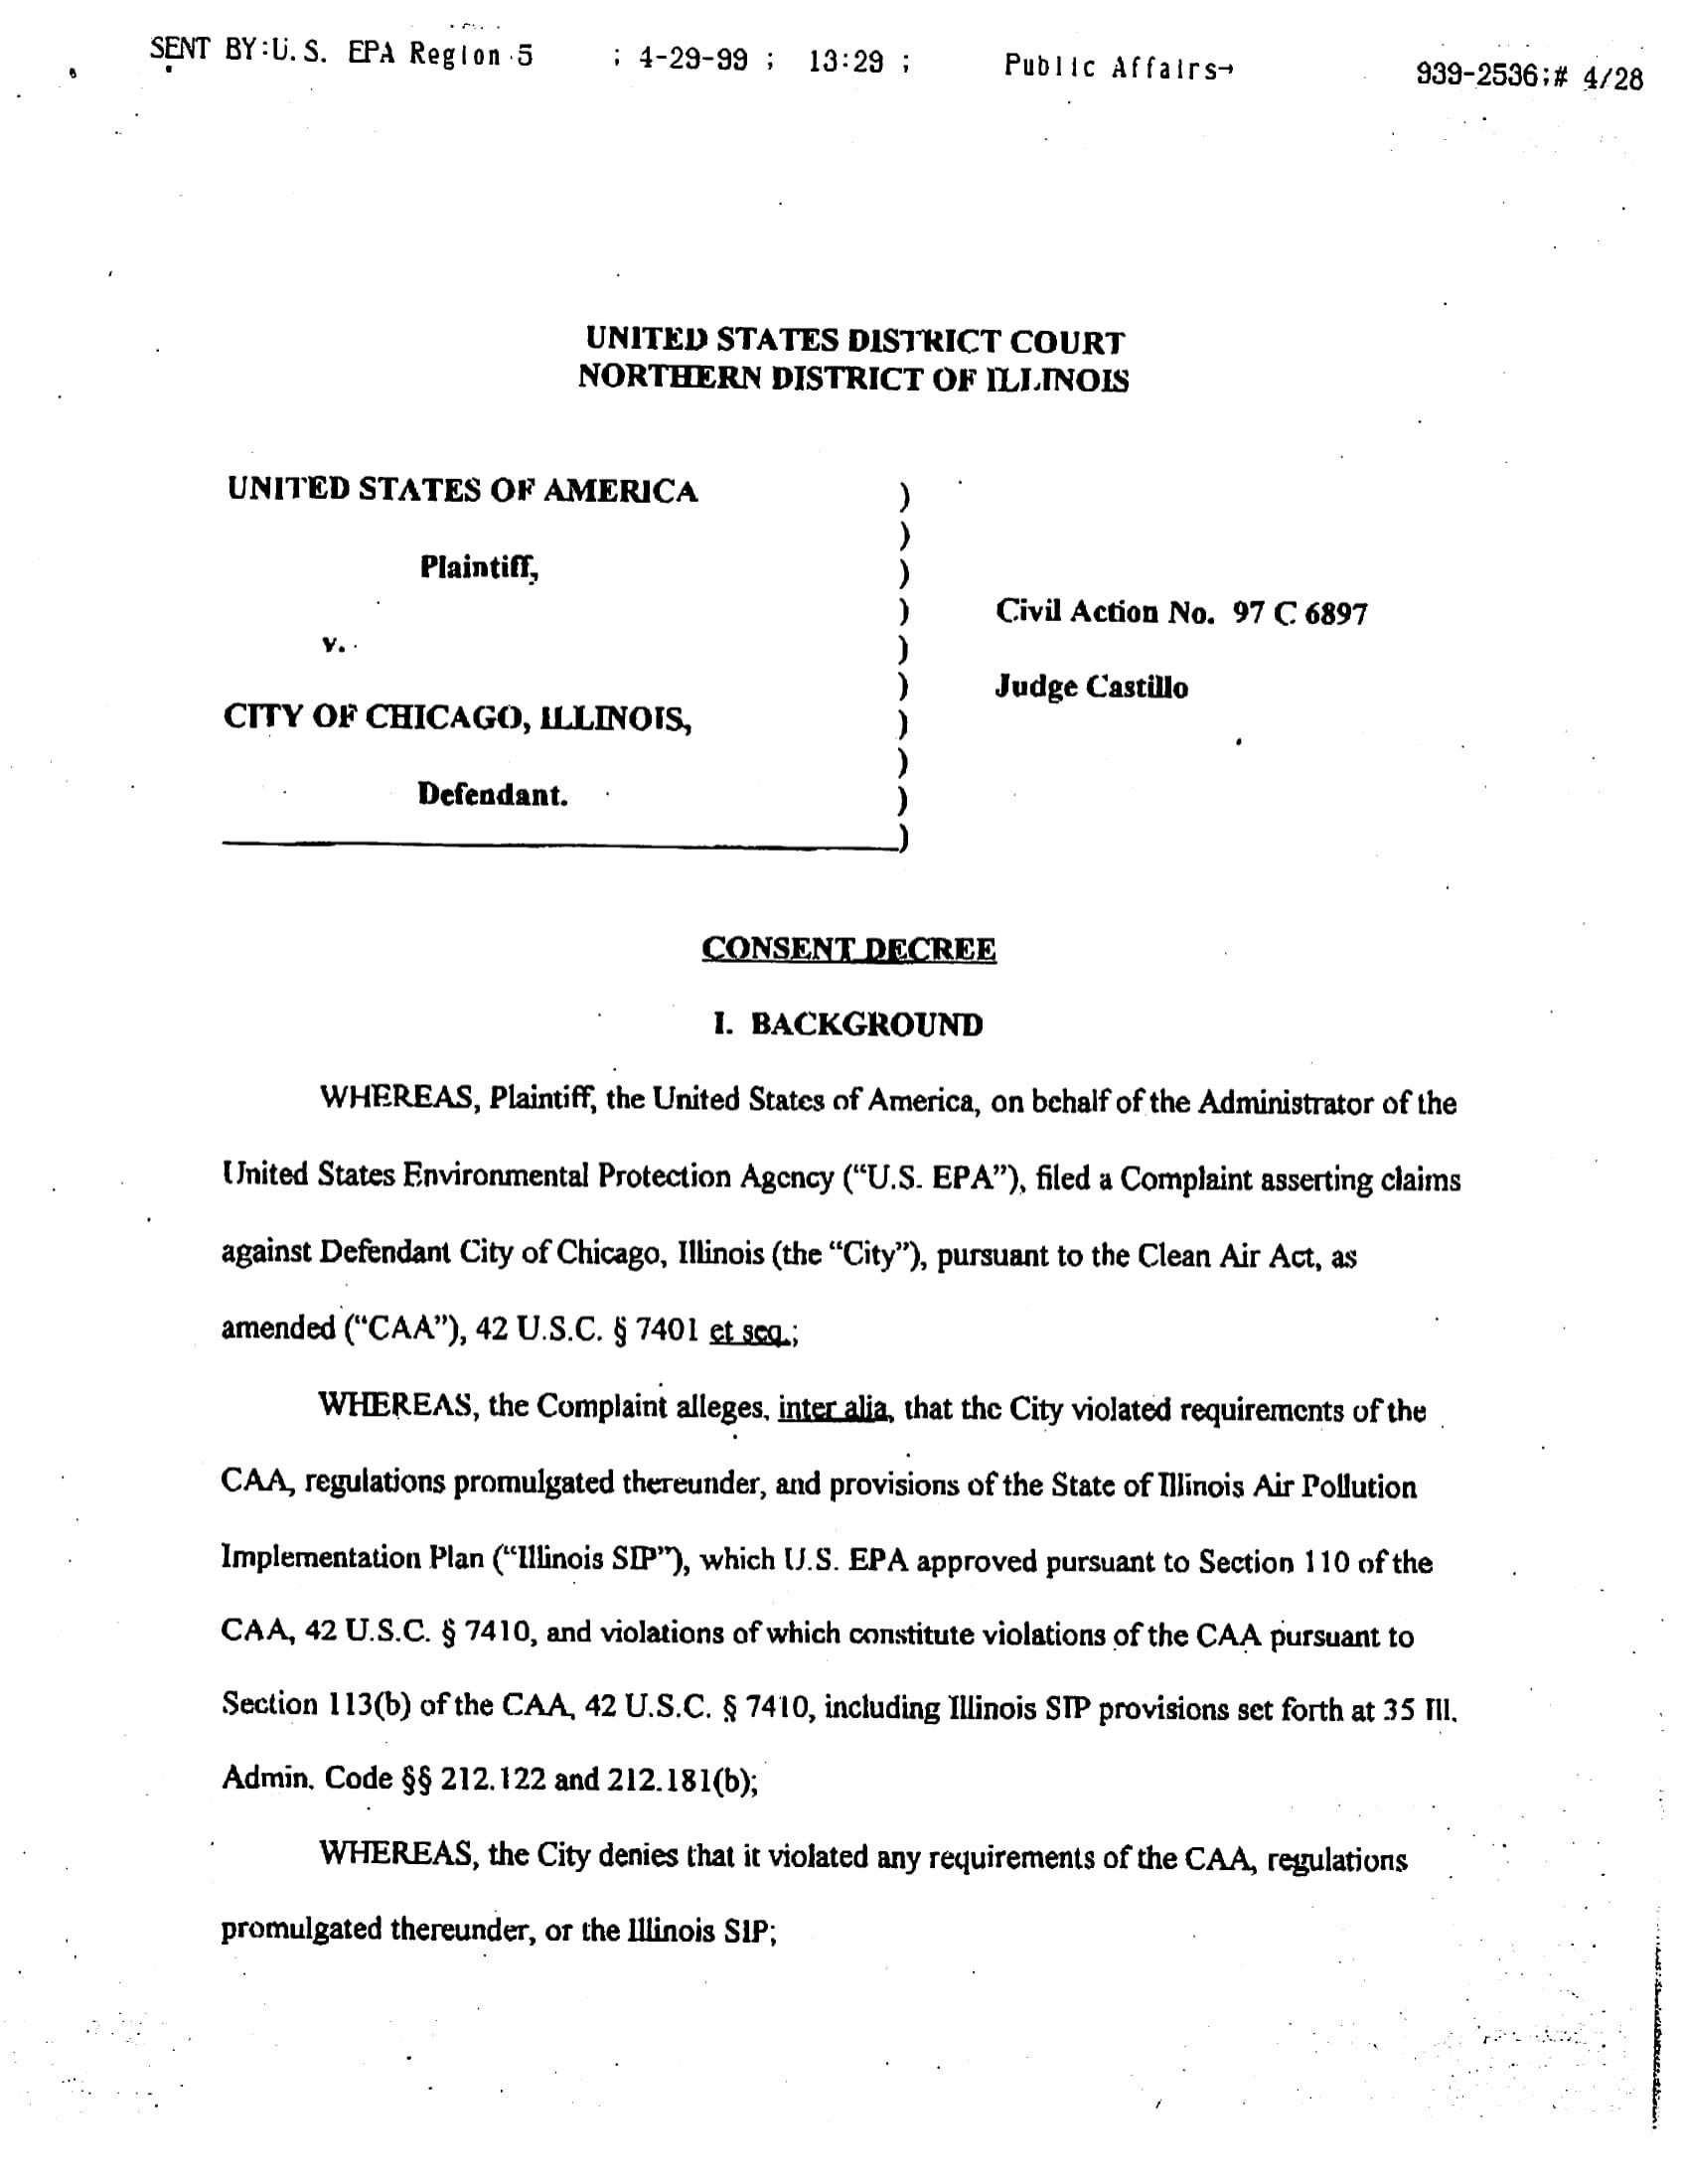 EPA Chicago Settlement-03.jpg